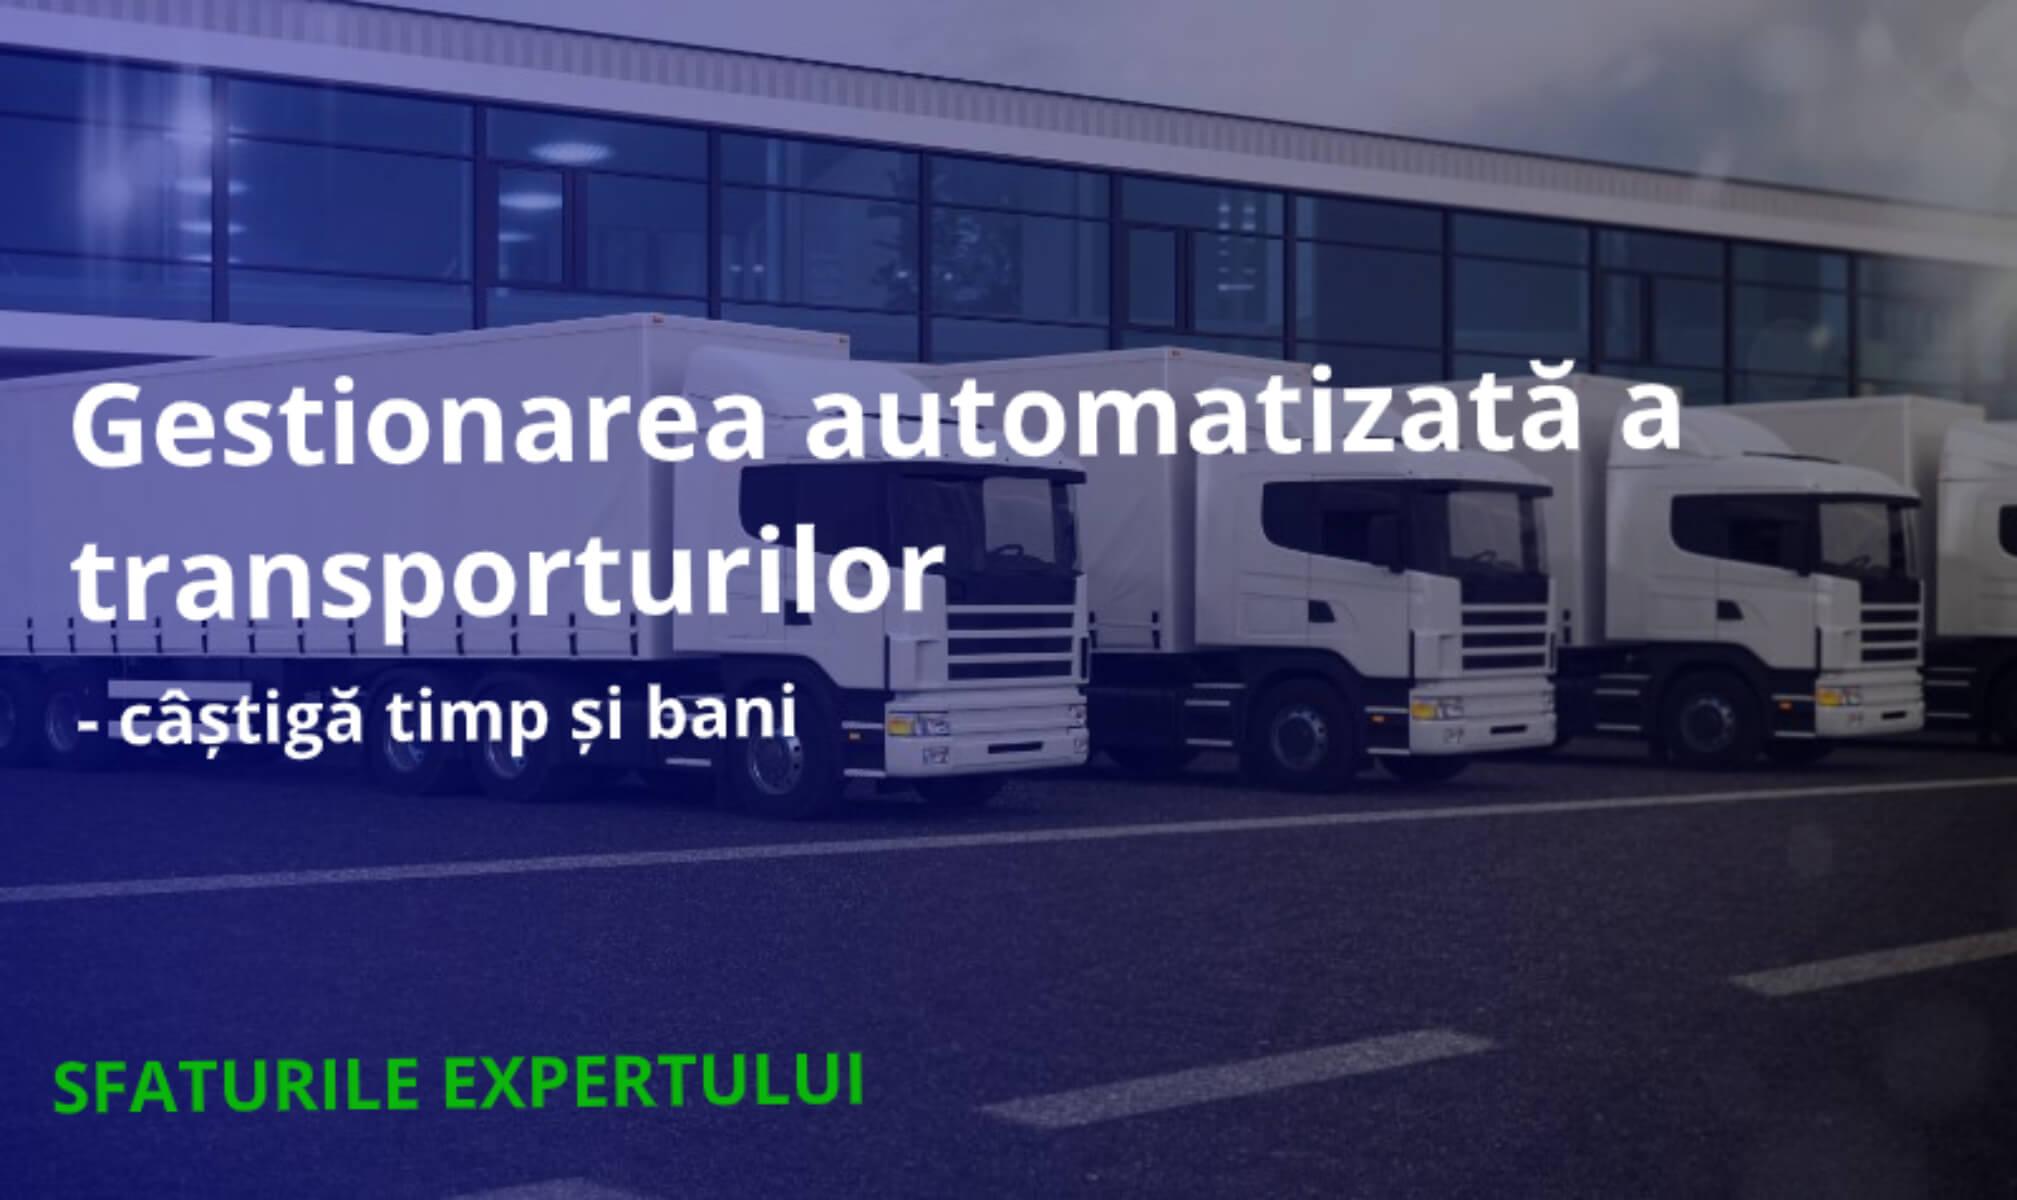 10 moduri de a lucra eficient cu transportatori de încredere pe platforma Trans.eu